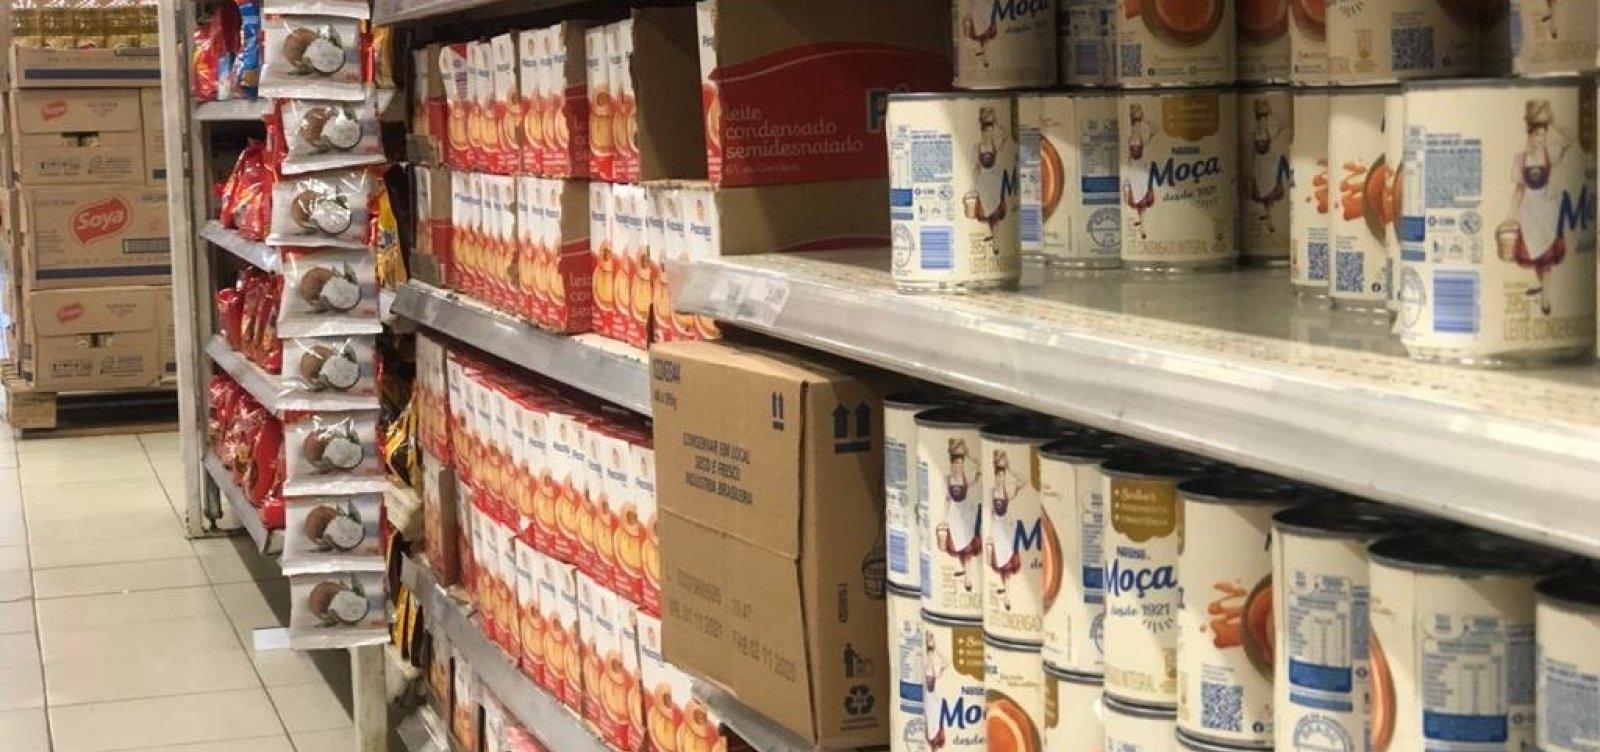 Ministério da Defesa afirma que leite condensado é para potencializar energia dos militares